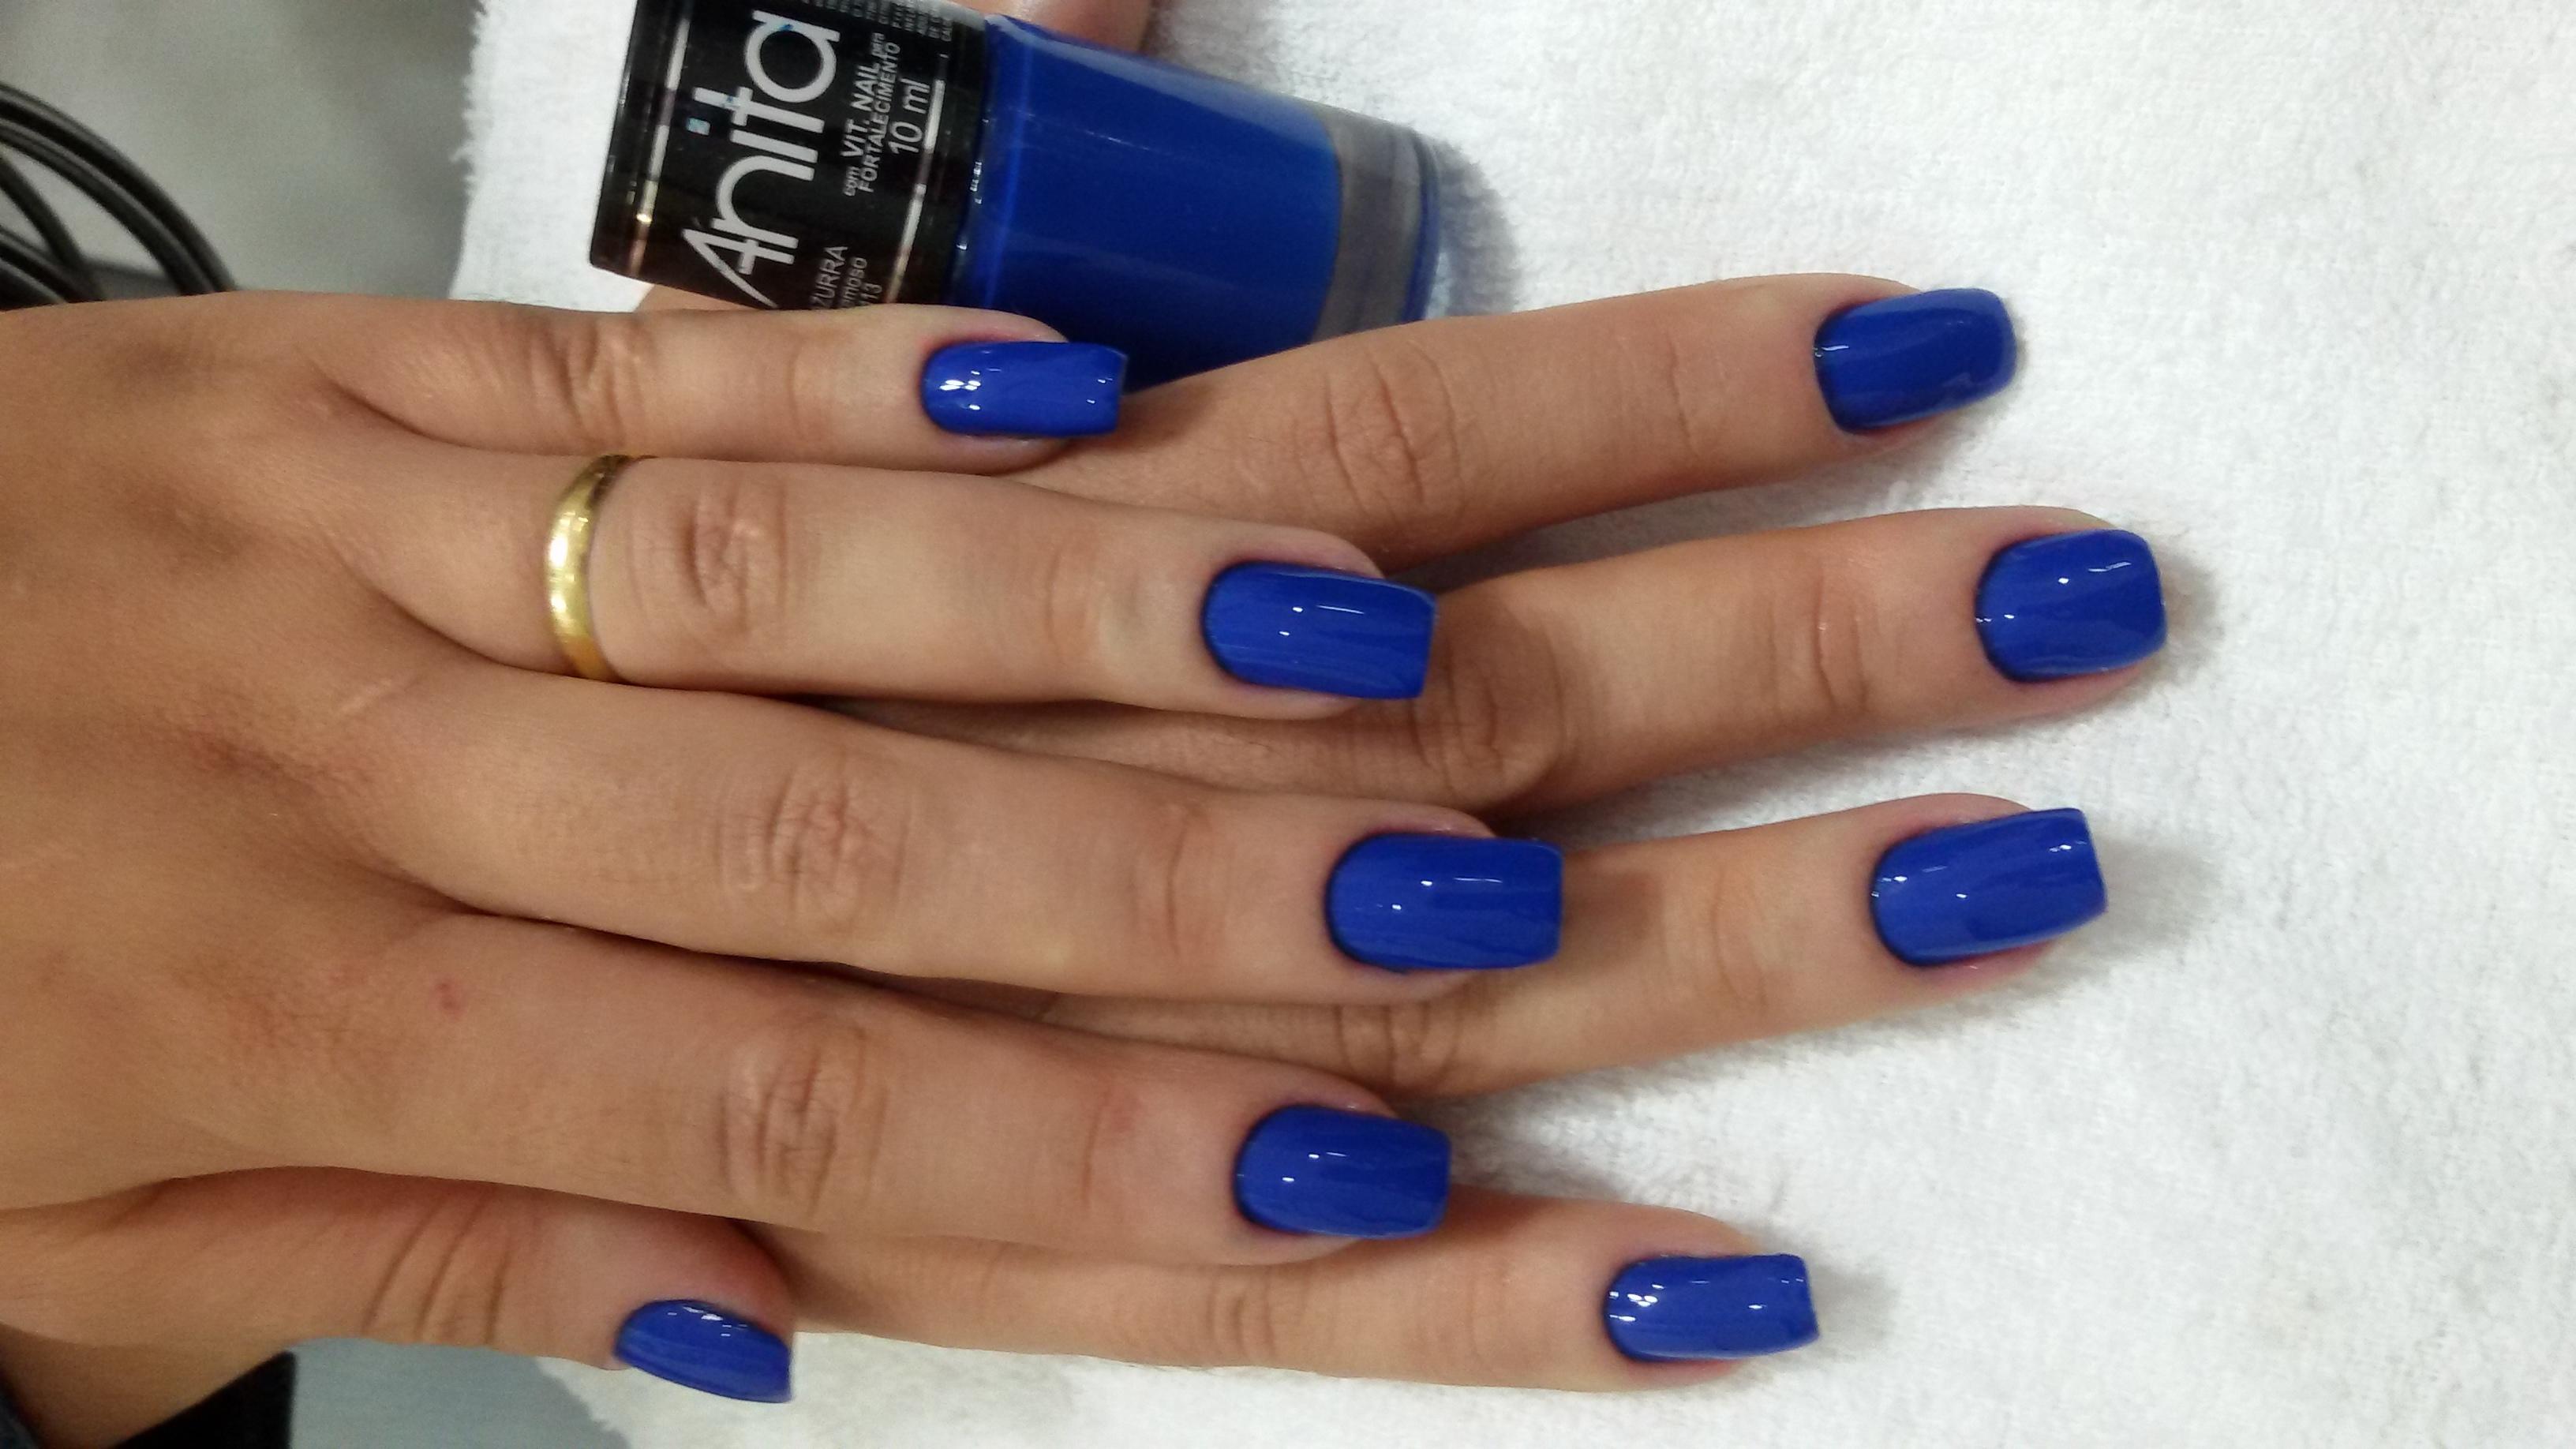 #unhasDaCliente #Elaamou #euamei #Nails #unhas #unha #designdeunhas #amounhas #lovenails #naillovenail #nail #amounhasdecoradas #esmaltes unha maquiador(a) esteticista manicure e pedicure designer de sobrancelhas